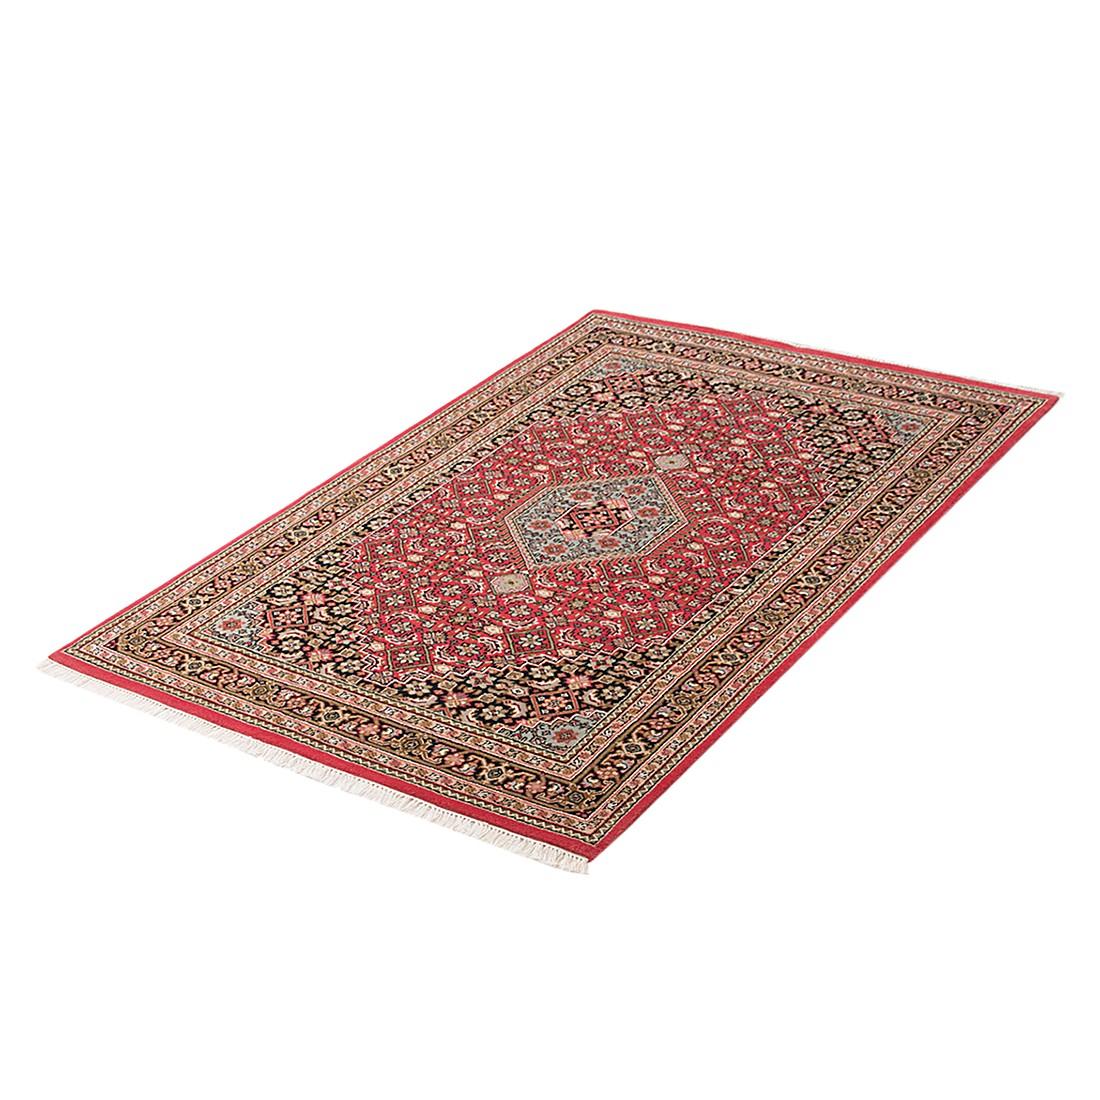 Teppich-Indo Royal Mumbai Rot – Reine Wolle – 90 x 160 cm, Parwis günstig kaufen